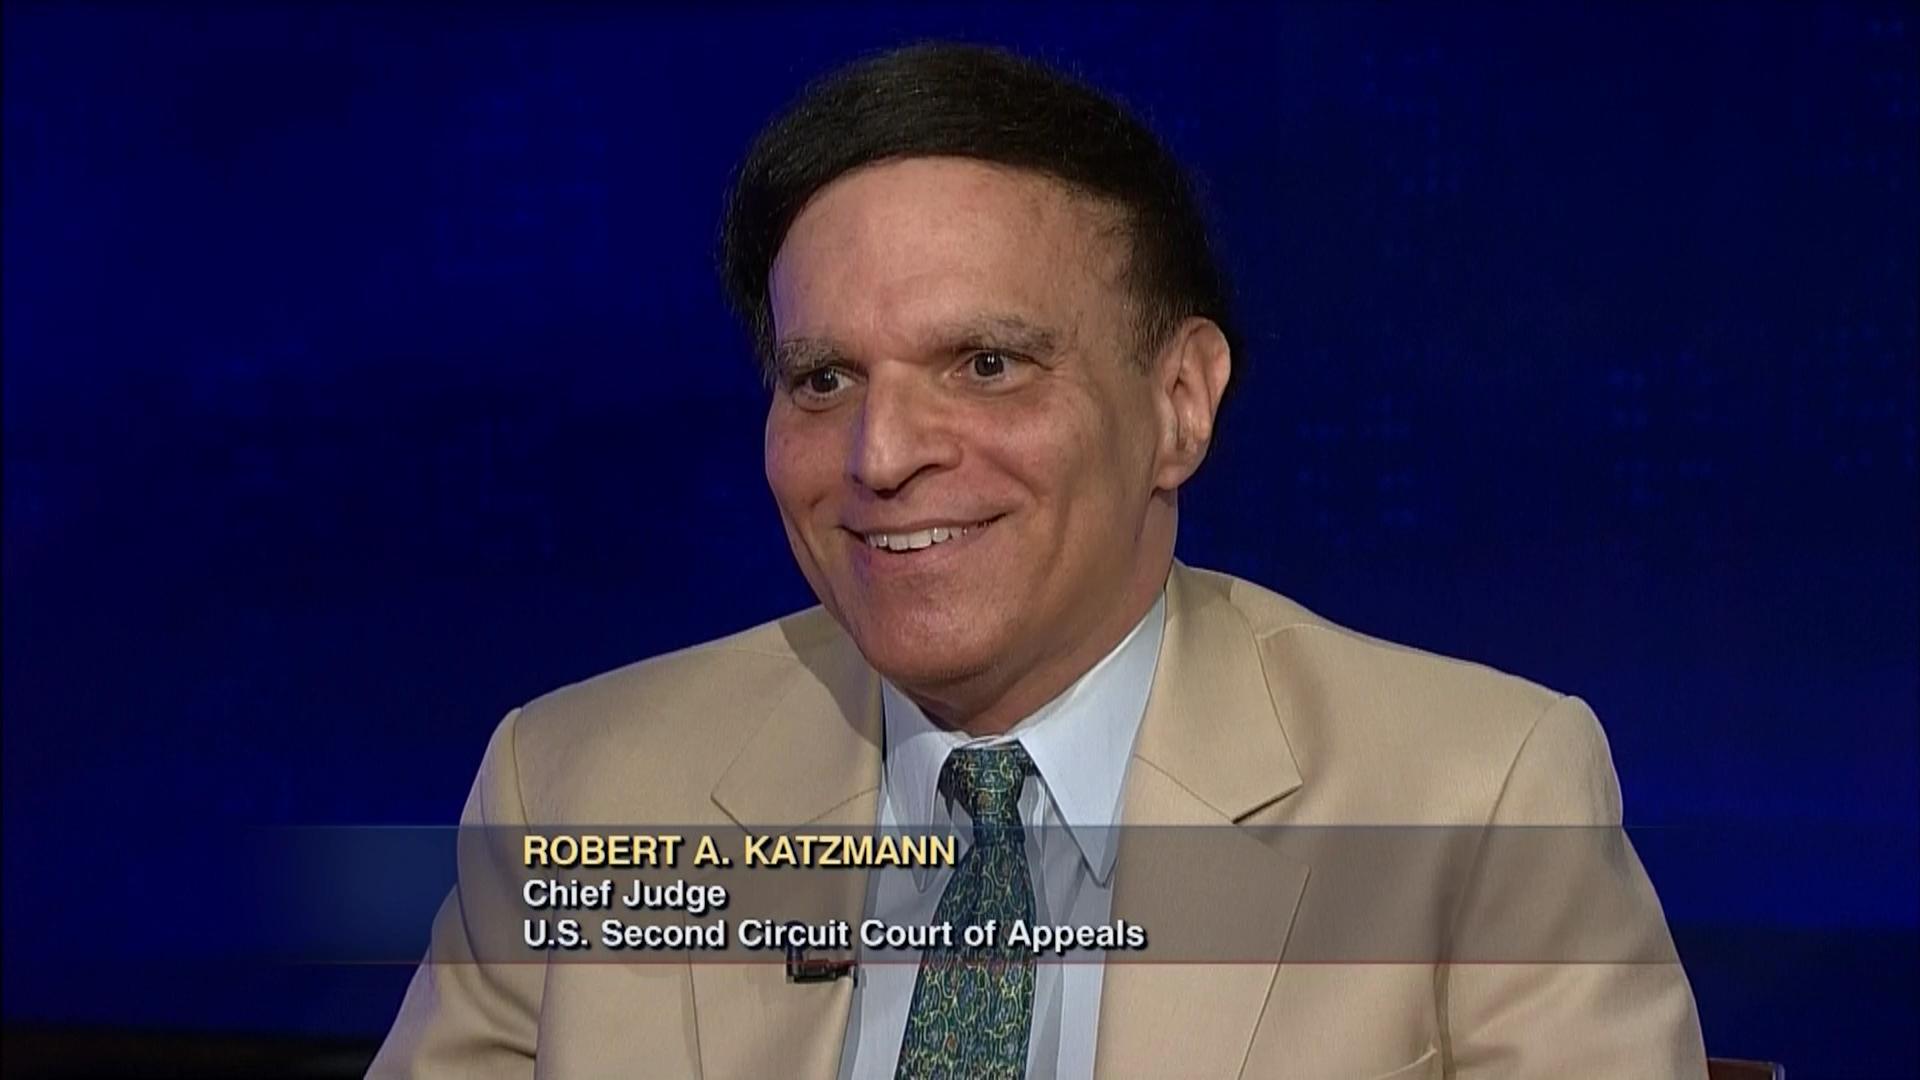 Qa Robert Katzmann Aug 26 2014 Video 2nd Circuit Court Of Appeals